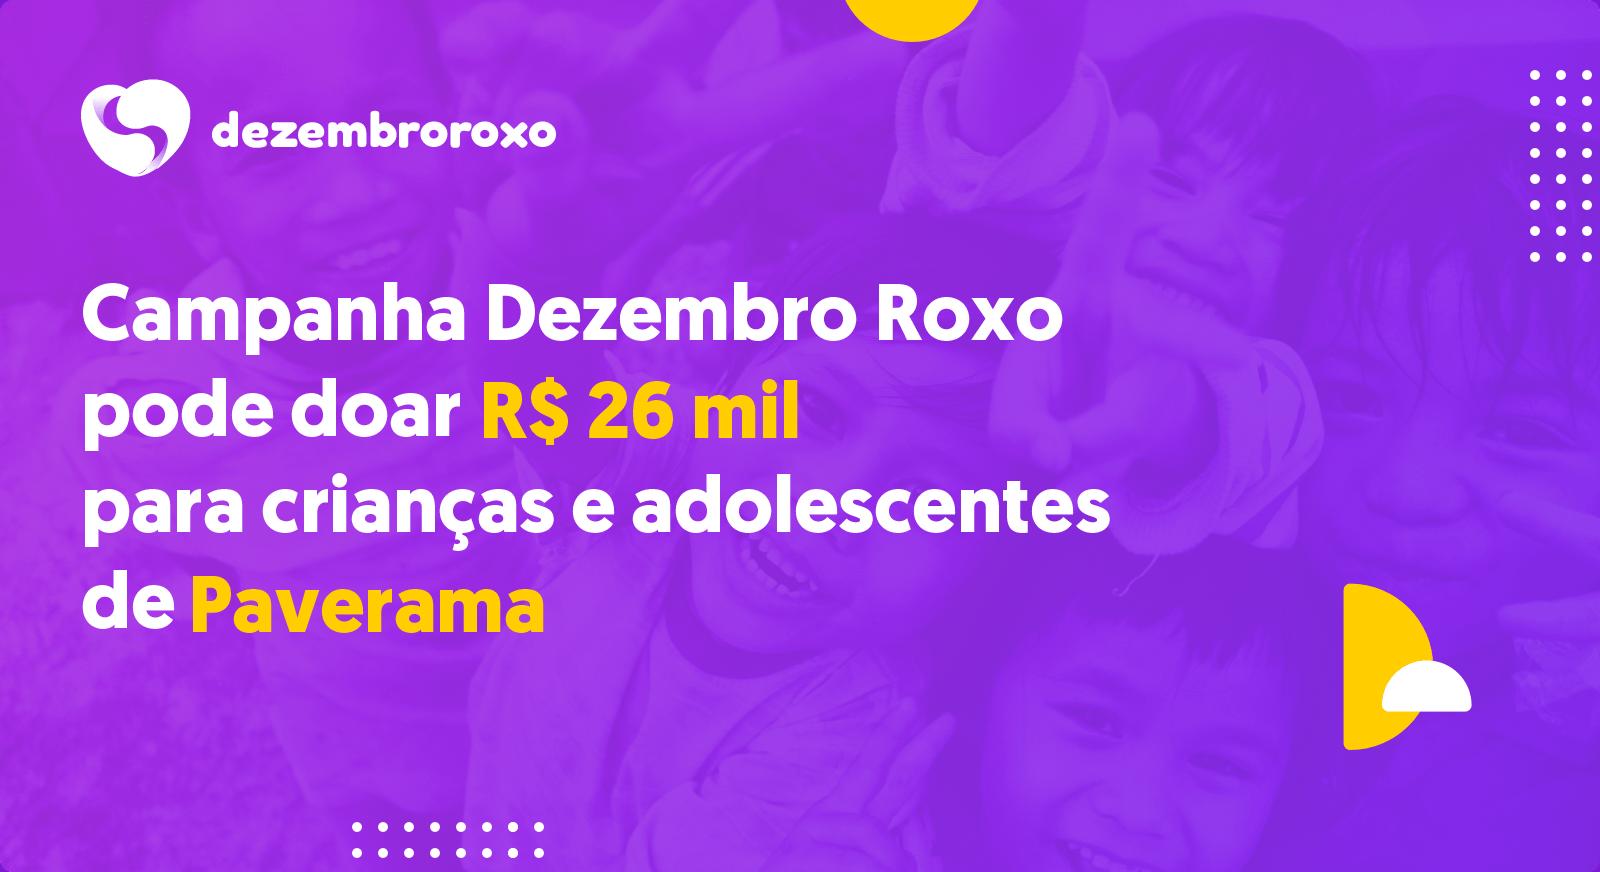 Doações em Paverama - RS